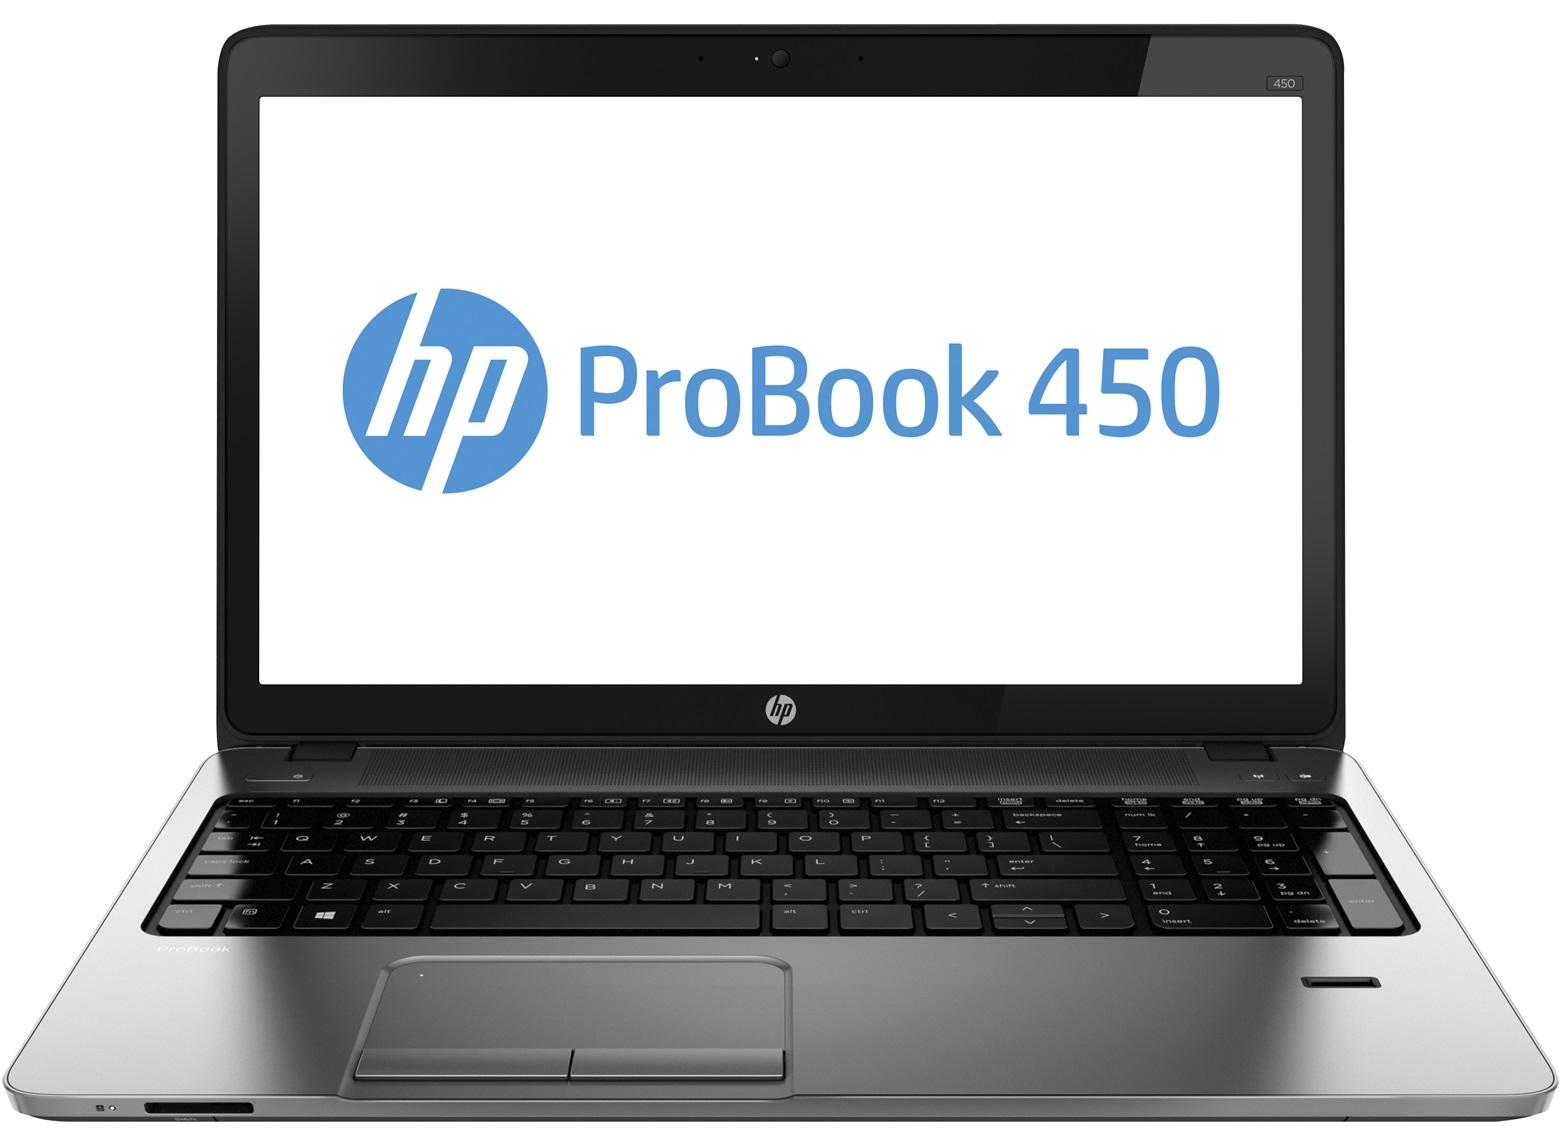 HP Probook 430 G1 G6V60ES Core i3-4005U 4GB 500GB 13.3IN BT CAM Win 8 + Case